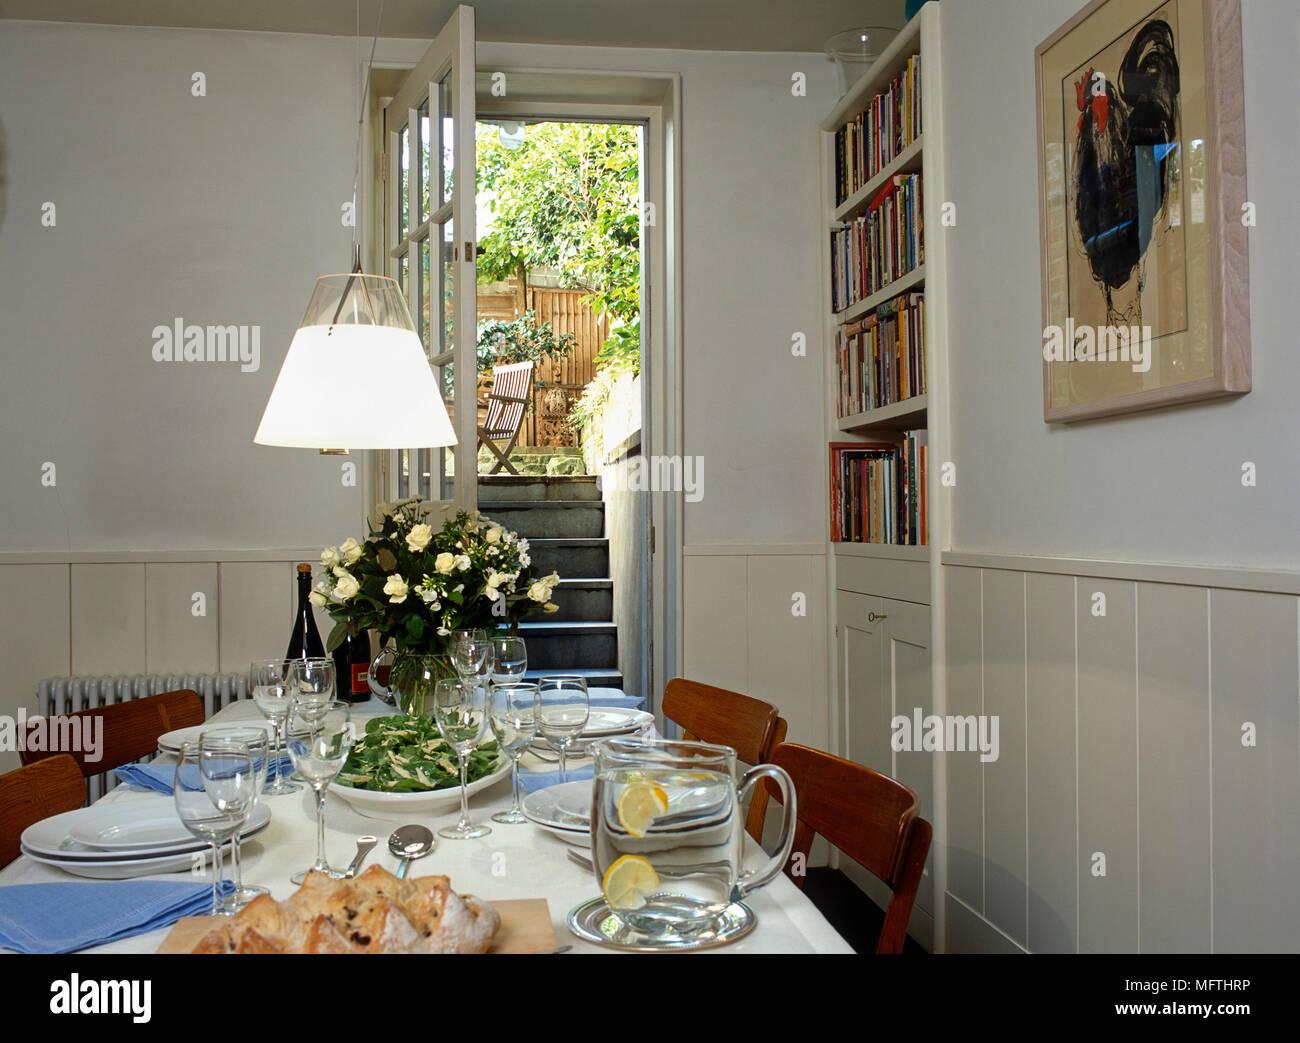 Quadri Per Sala Da Pranzo una vista di un paese sala da pranzo con un tavolo per il